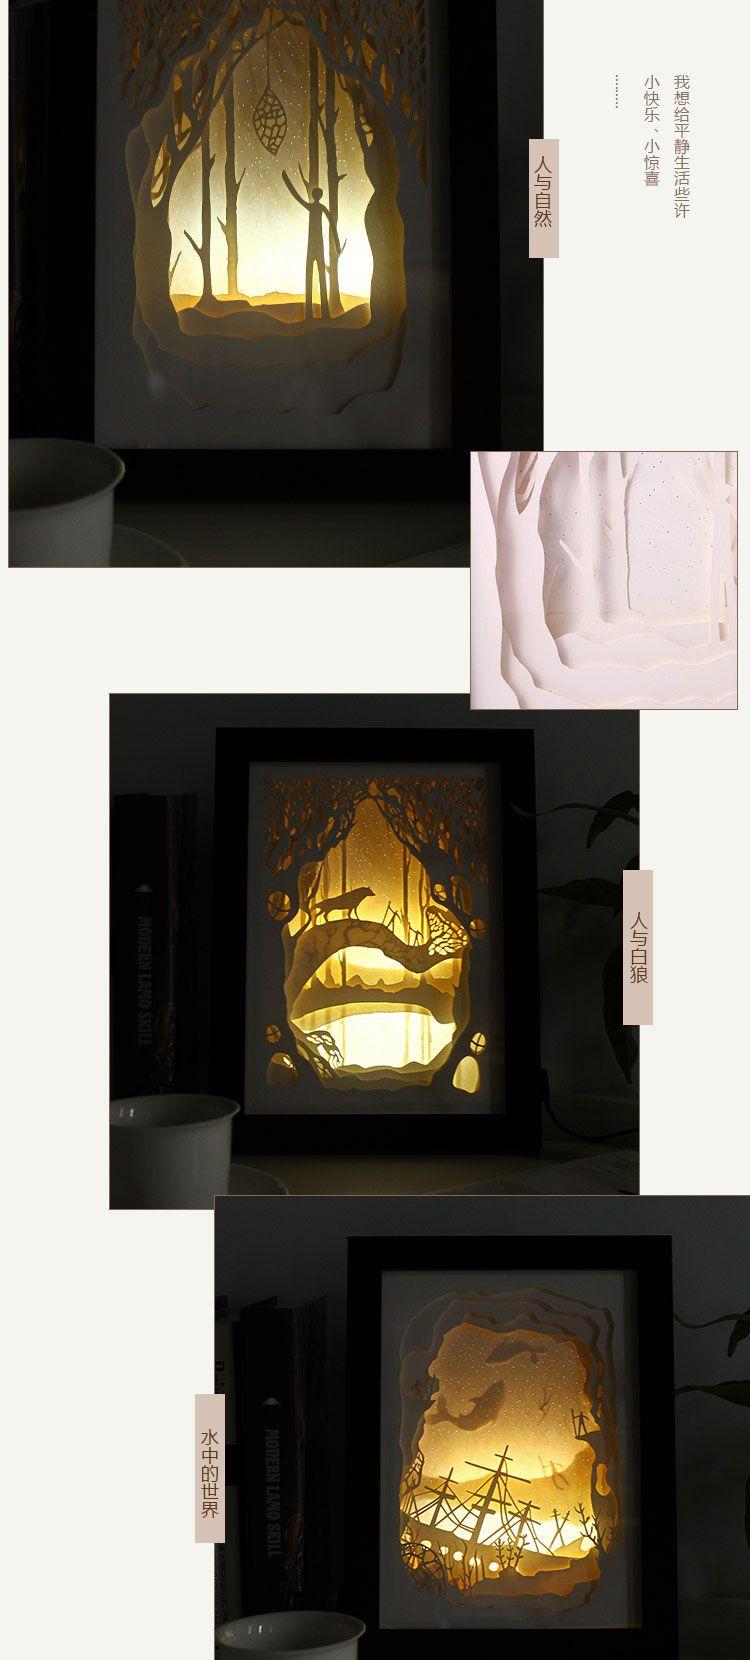 (水中的倒影)立体风景纸雕装饰画小夜灯